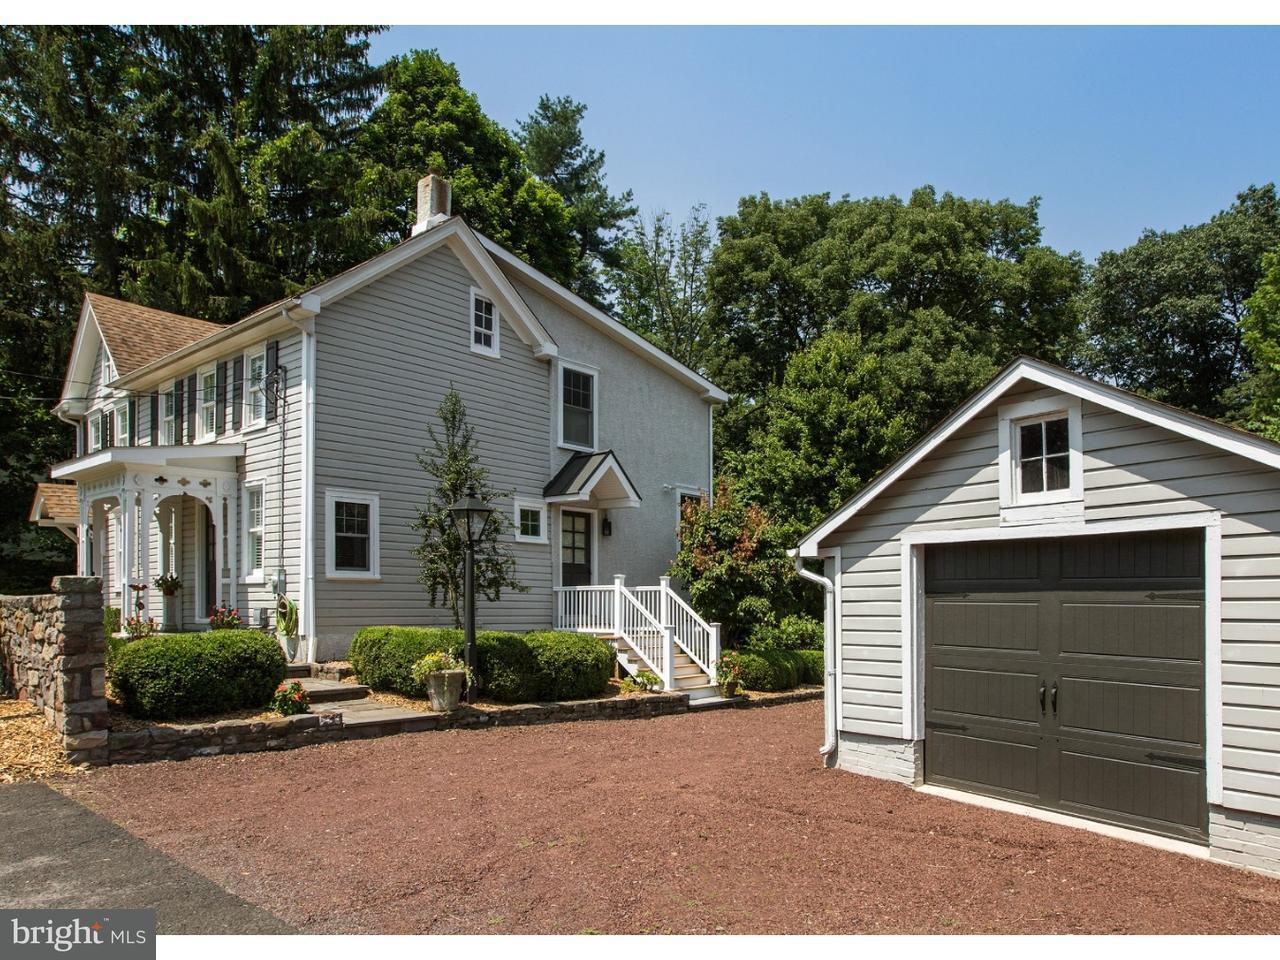 独户住宅 为 销售 在 5943 CARVERSVILLE Road Carversville, 宾夕法尼亚州 18902 美国在/周边: Solebury Township